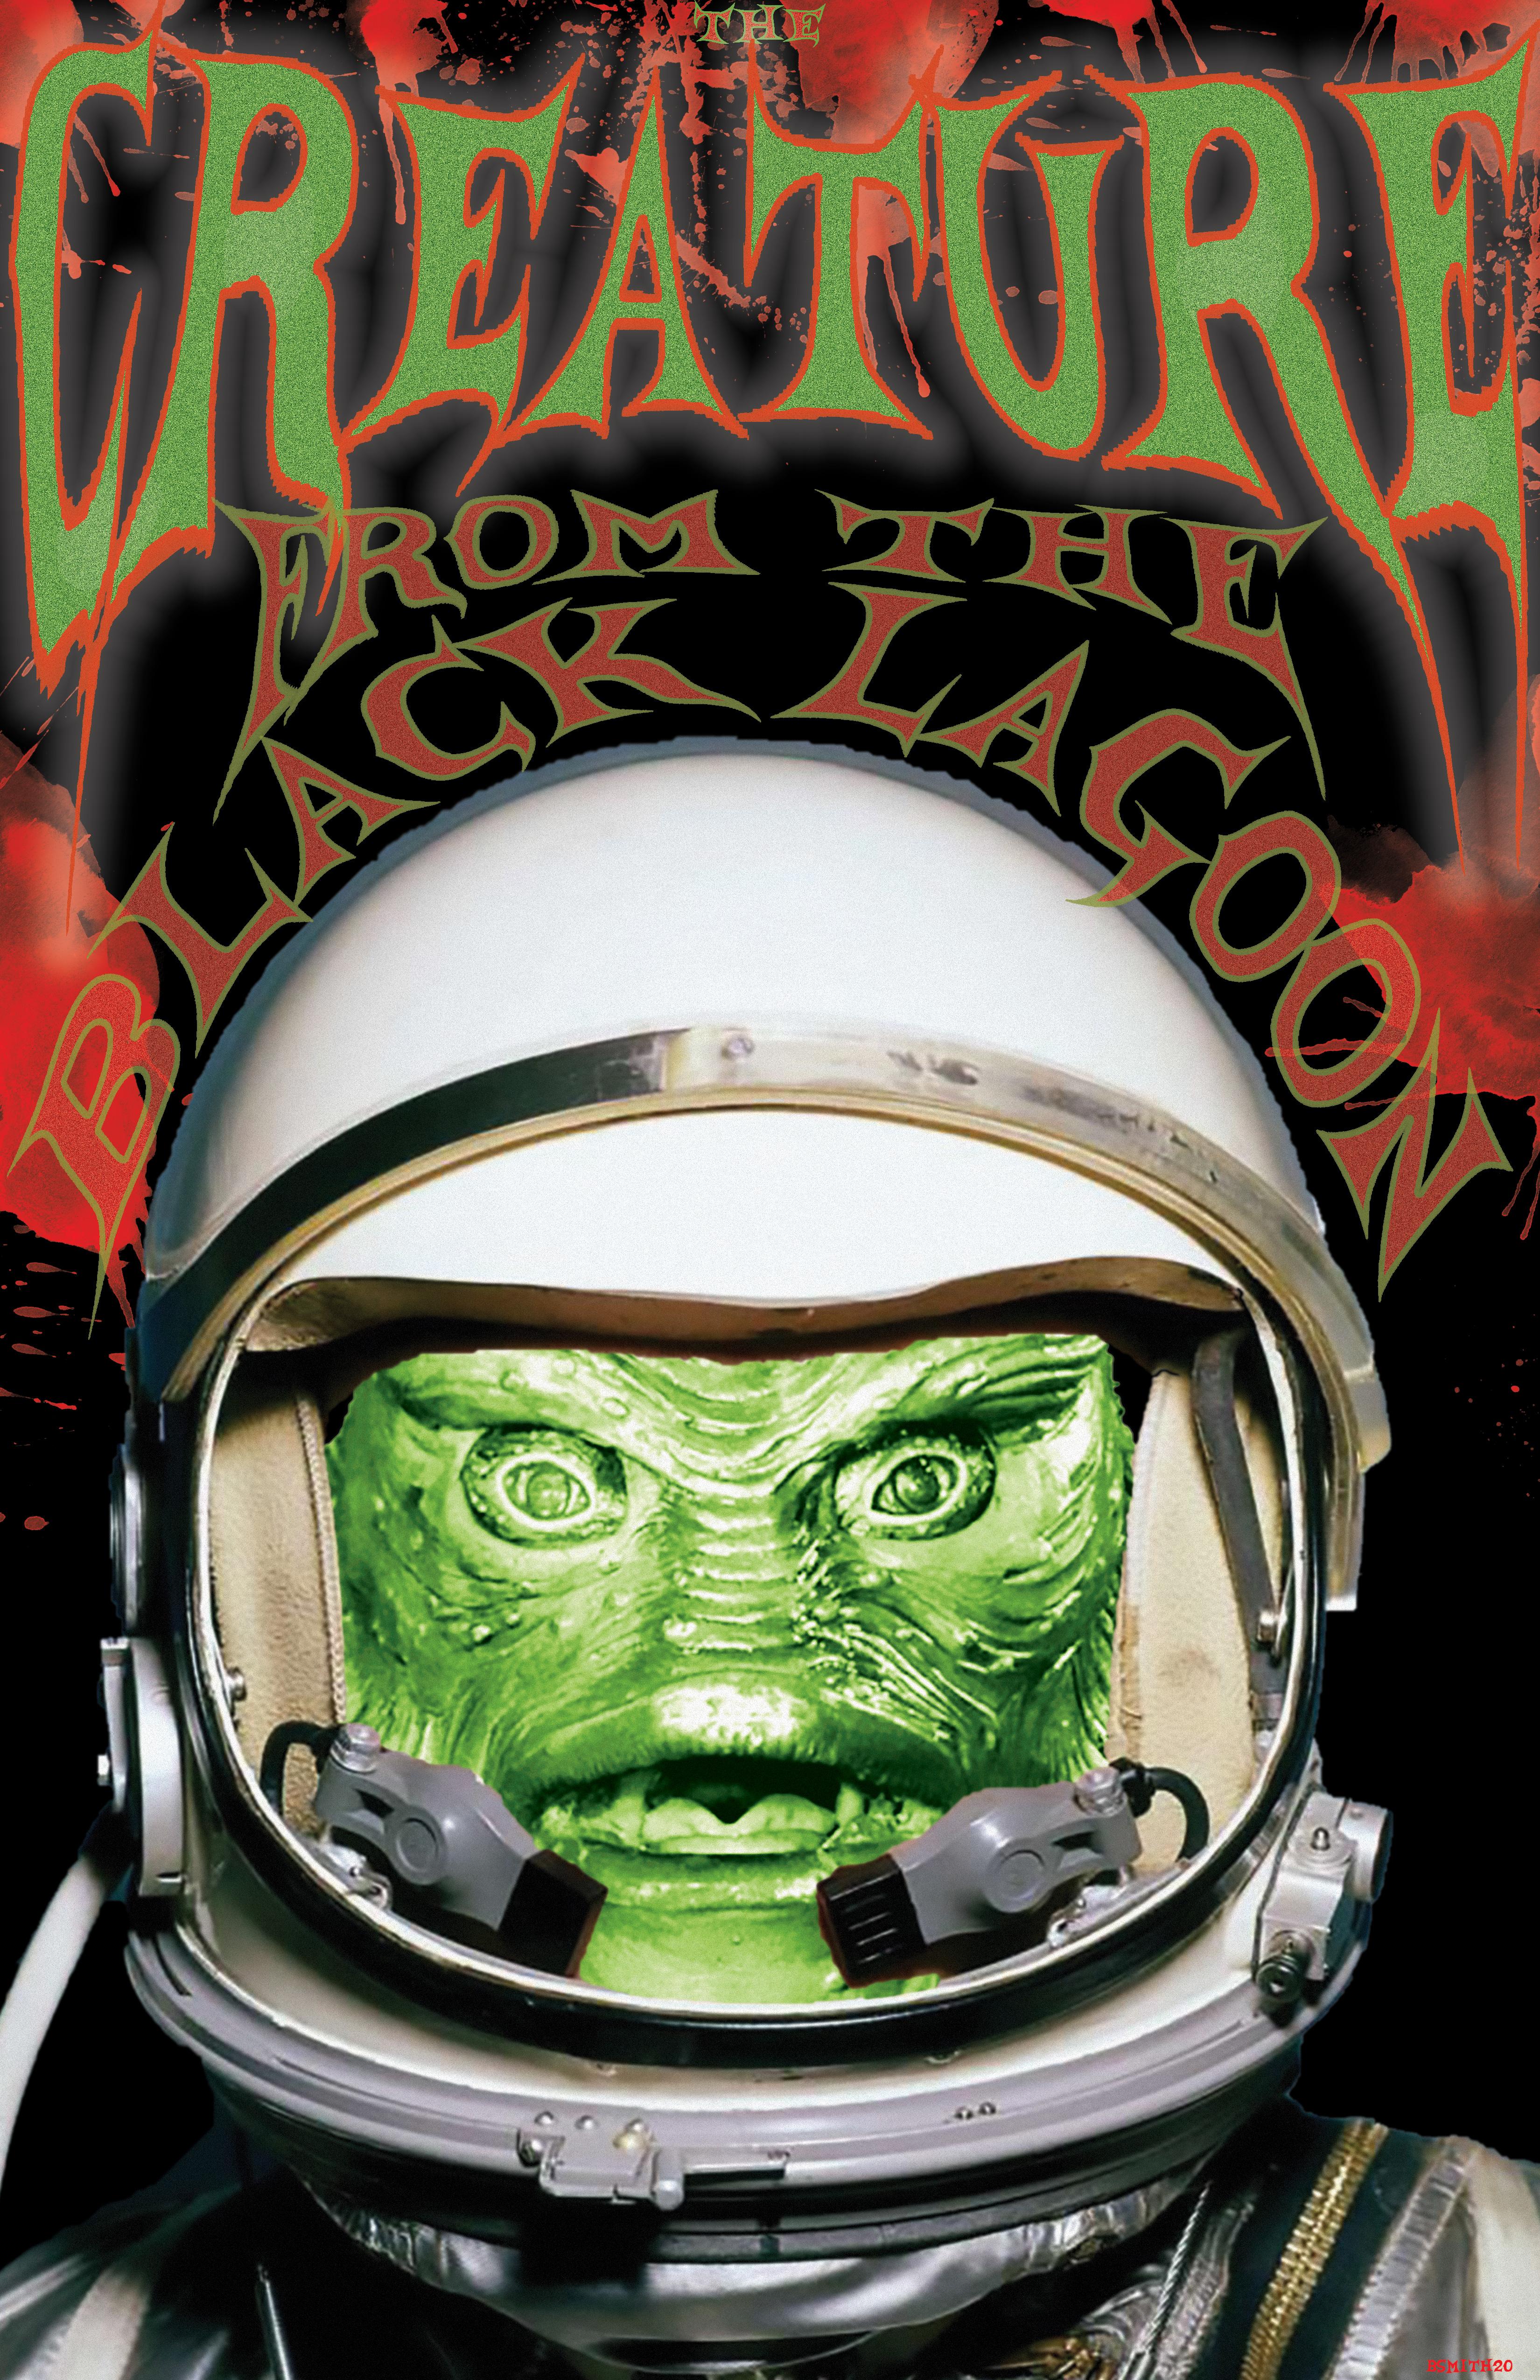 Universal Astro Zombie The Creature